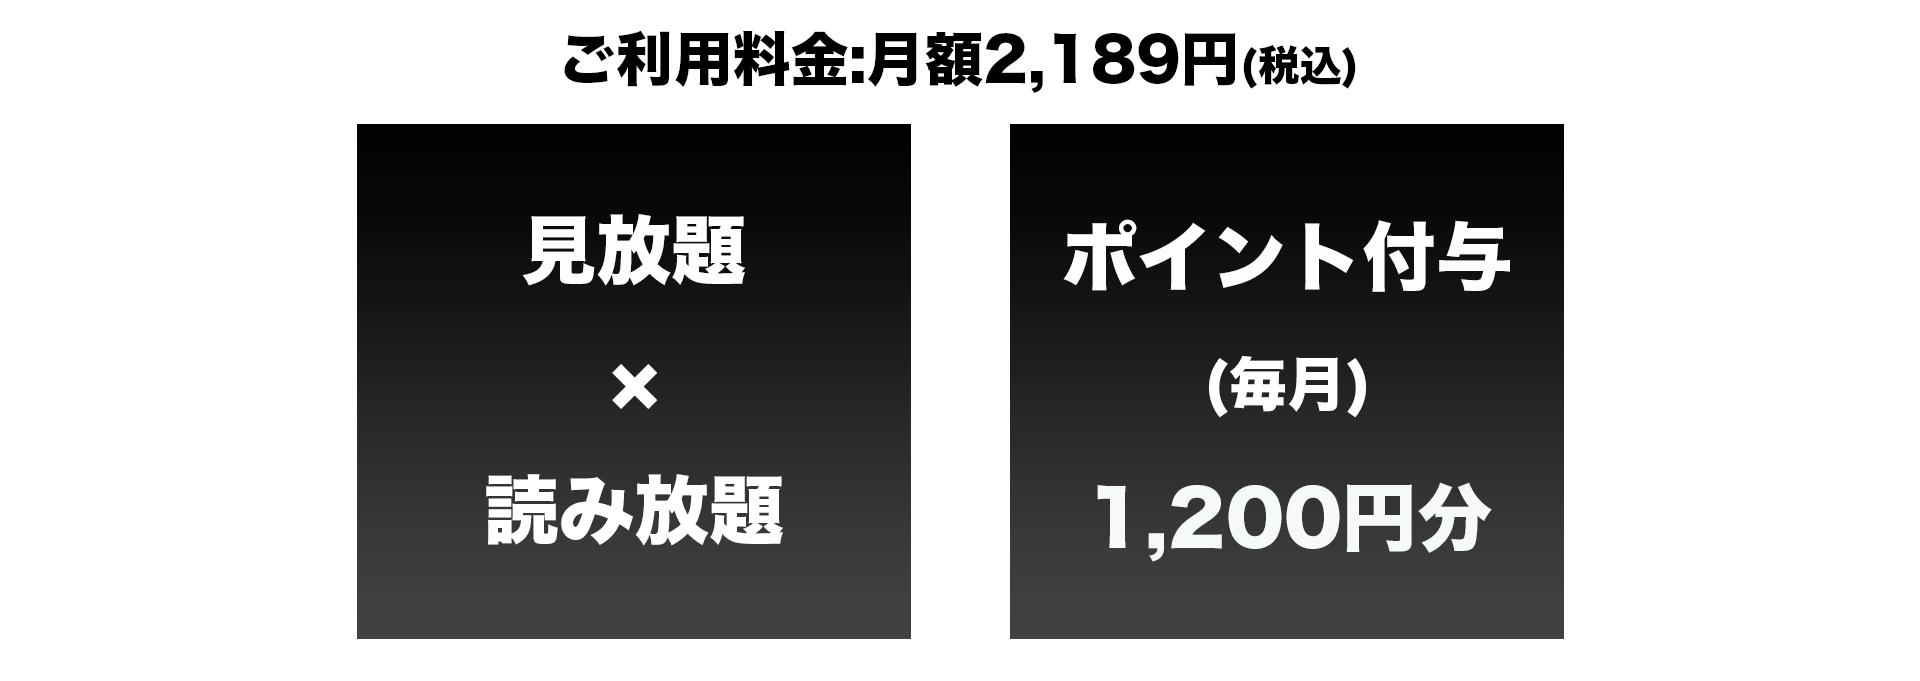 U-NEXTご利用料金